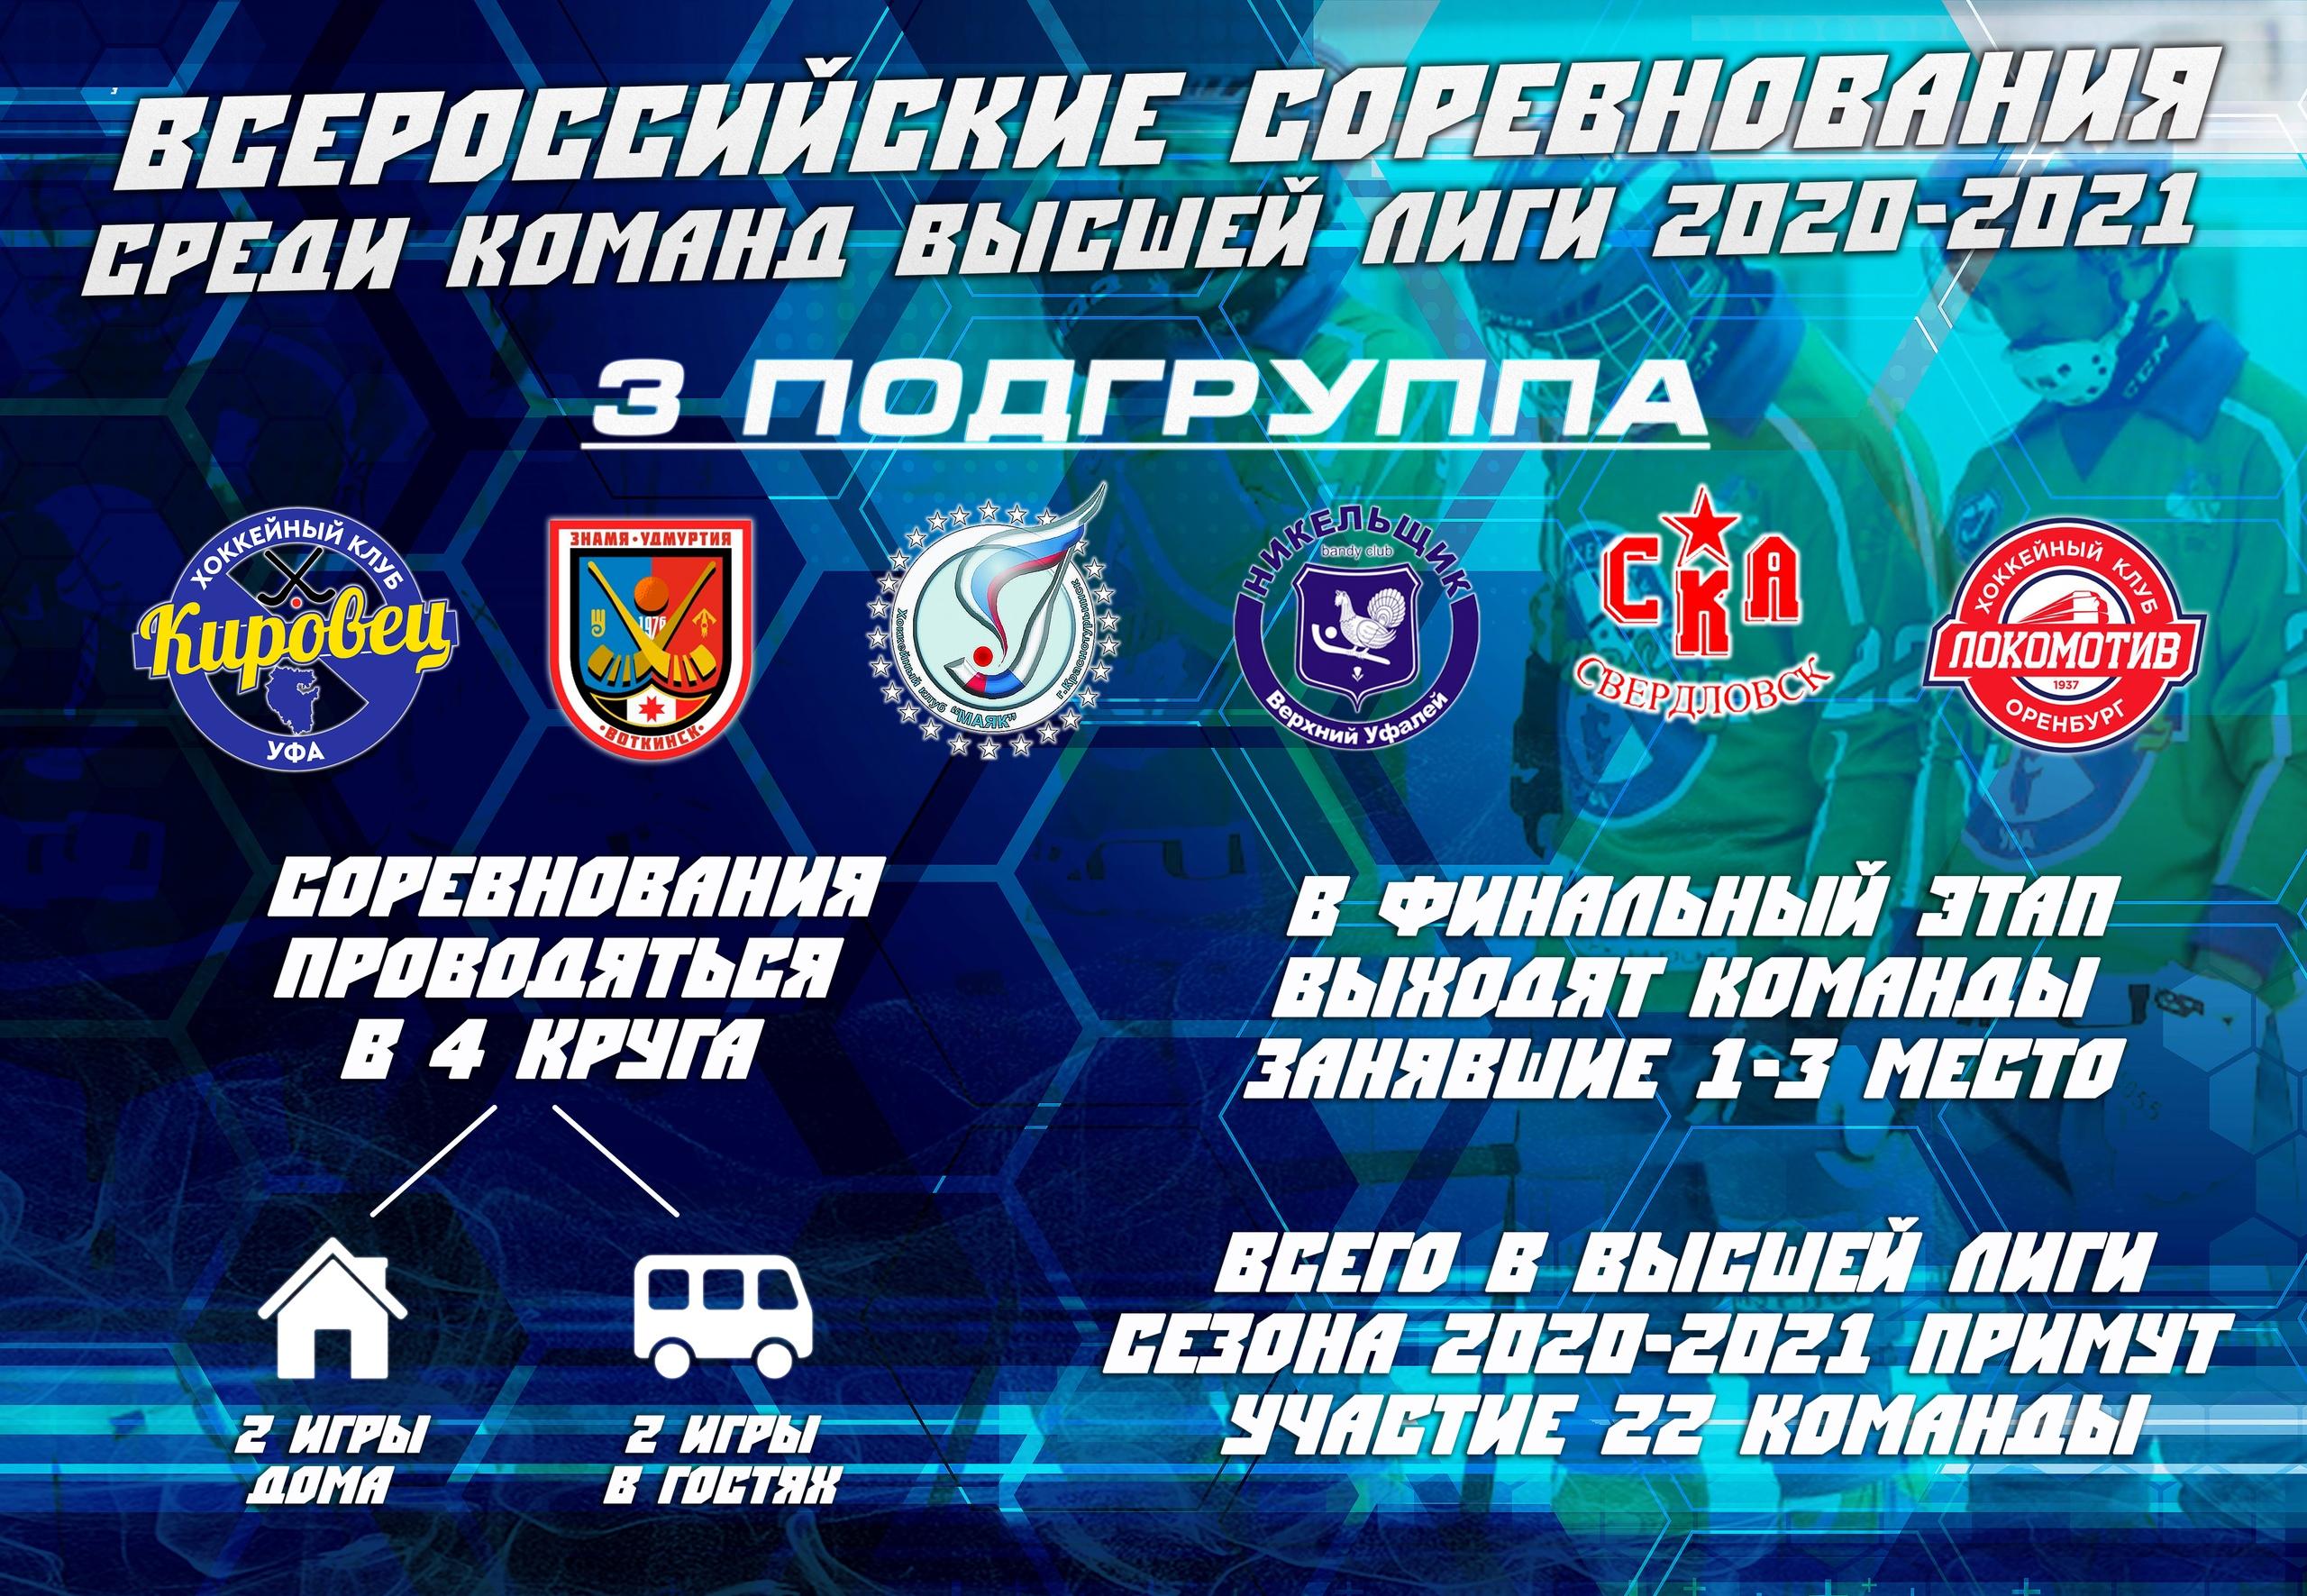 Формула проведения Всероссийских соревнований среди команд Высшей лиги 2020-2021🔥